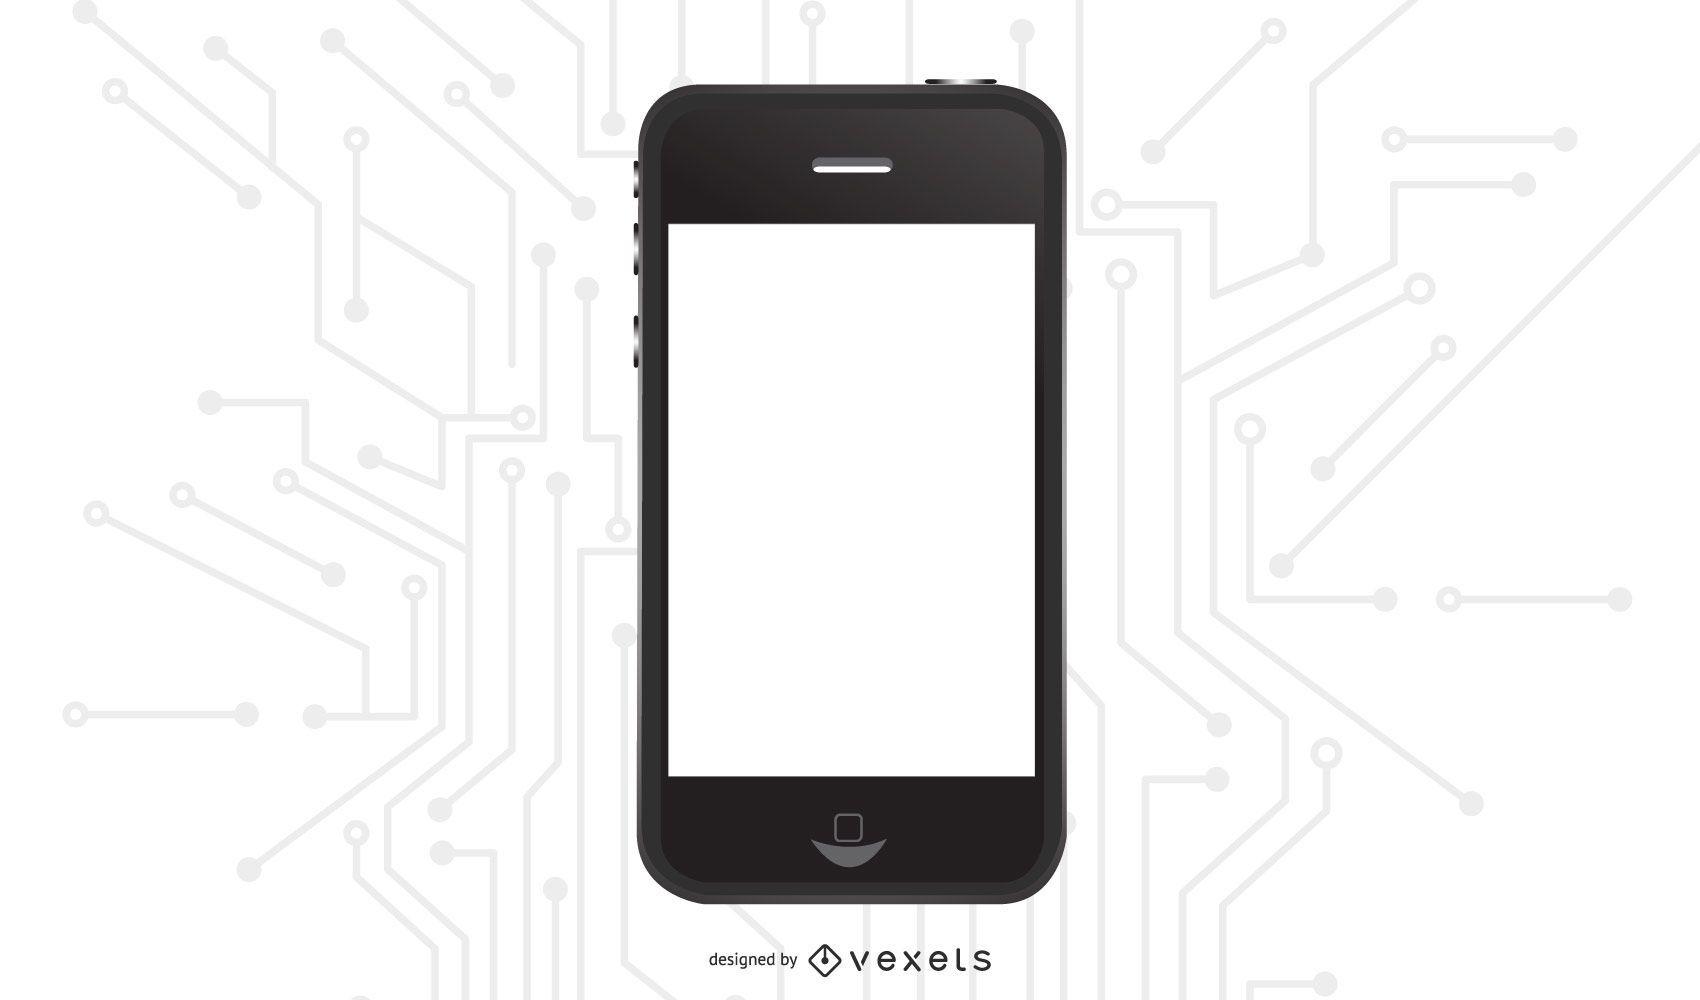 Schwarz glänzendes iPhone mit leerem Display